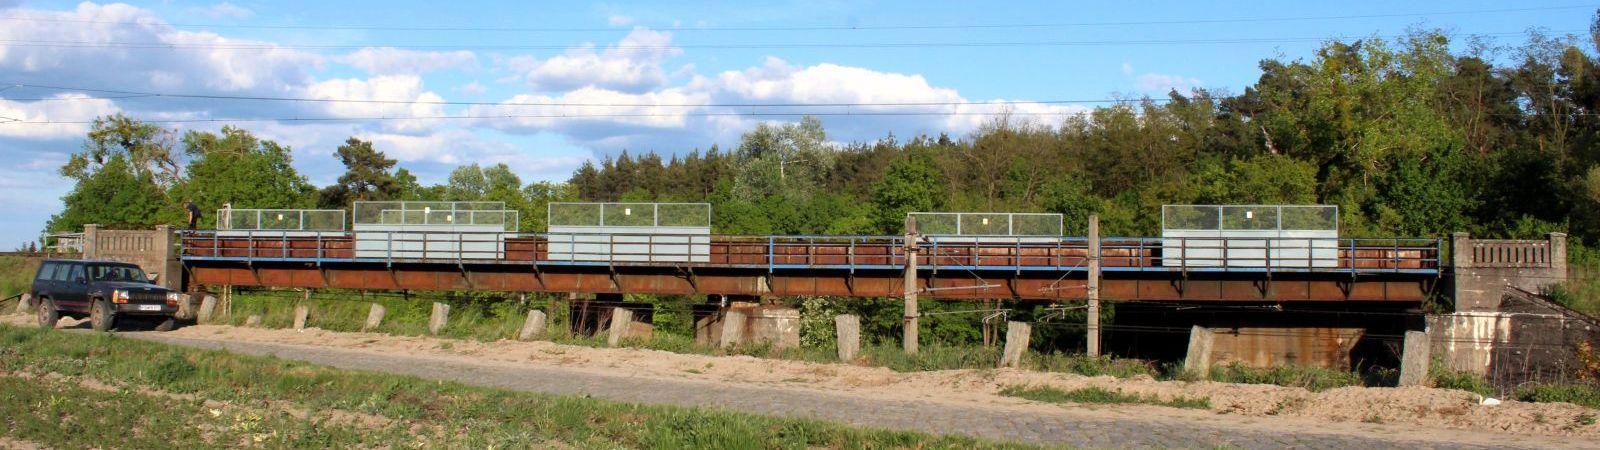 Wiadukt w kierunku Babimostu - Podmokli, gdzsie kończył się nowo wybudowany odcinek toru. Szlak Zbąszynek - Podmokla był zawsze jednotorowym, natomiast drugi tor rozpoczynał się w miejscu, gdzie nowy pojedynczy stykał się ze starym oddanym w dniu 26.06.1870 roku. Krótki odcinek pojedynczego toru, miał długość 7.6 km. Rozwidlał się w podmoklach na 88.3 kilometrze starej linii. Uruchomiono go 24.11.1925 roku, dla ruchu towarowego, a do 1930 roku, przystanek osobowy tymczasowy znajdował się w budowanym Zbąszynku tuż nad szosą prowadzącą z Kosieczyna do Zbąszynka. Wiadukt, który widzimy na powyższym zdjęciu był zawsze jednotorowym, mimo że śmiałe plany zakłądały ruch po dwóch niezależnych.